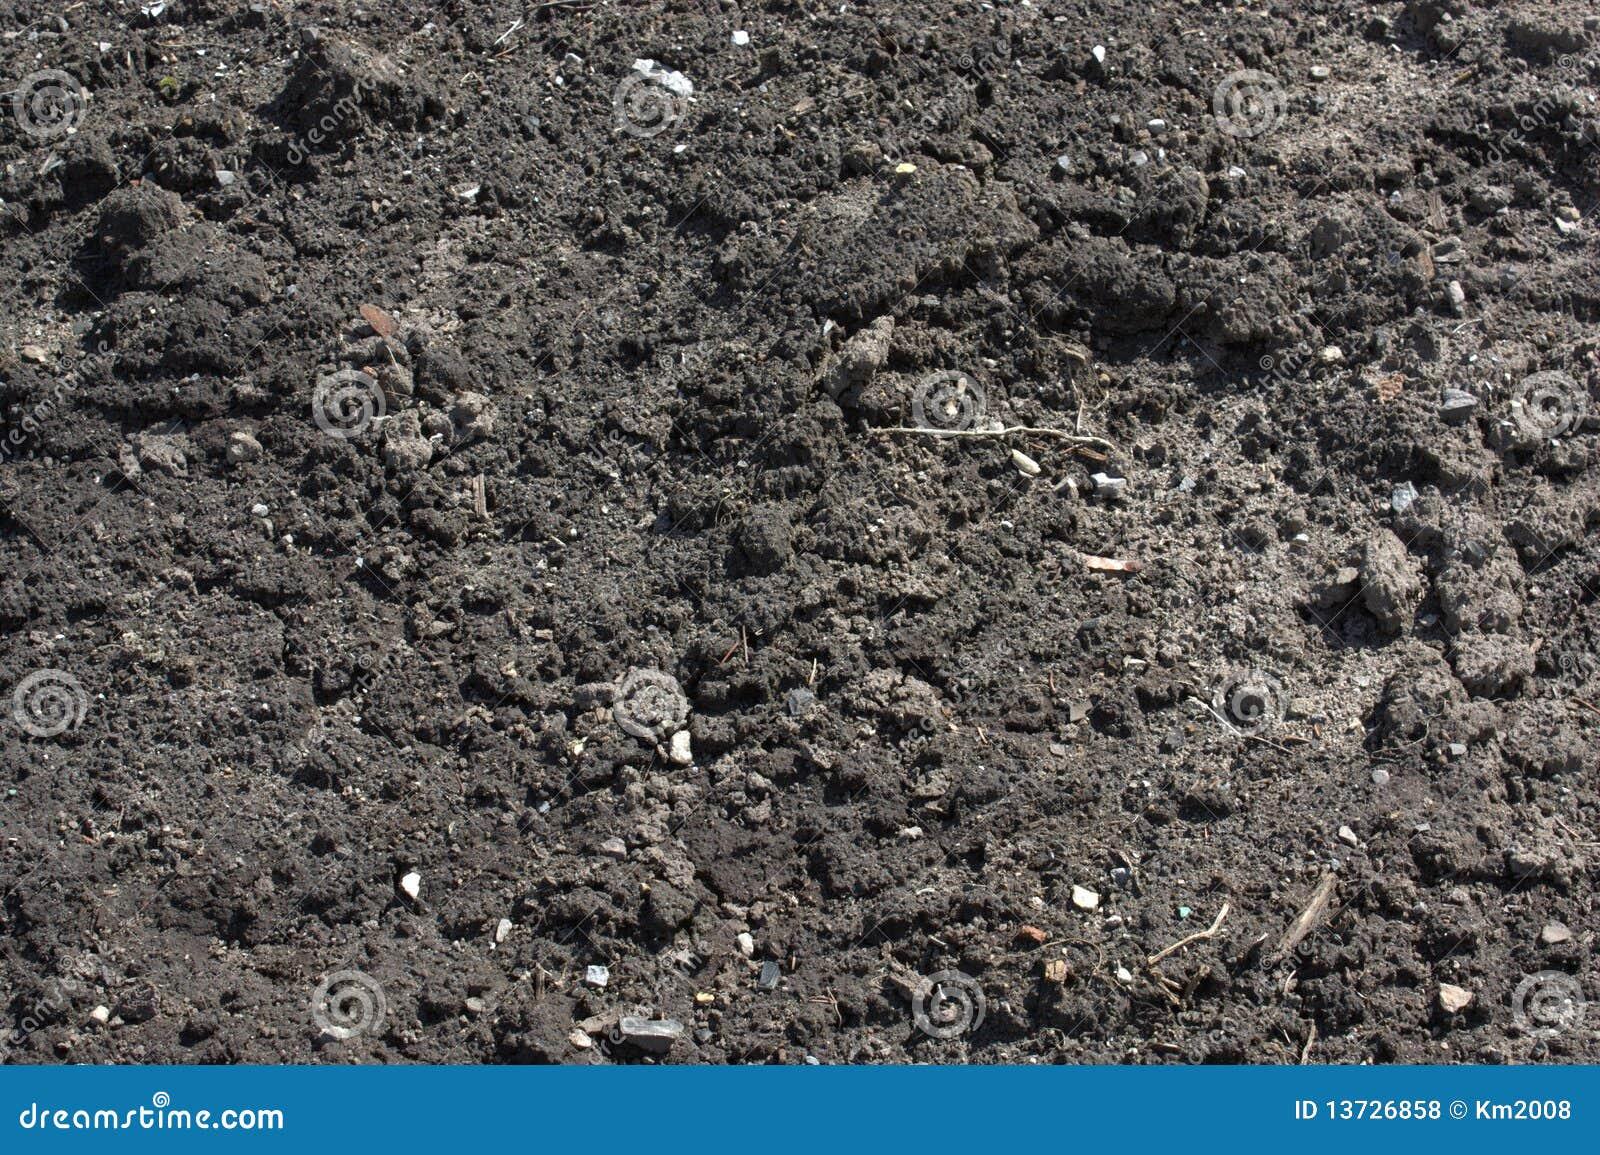 Garten Boden Stockfoto Bild Von Boden Garten Schmutz 13726858